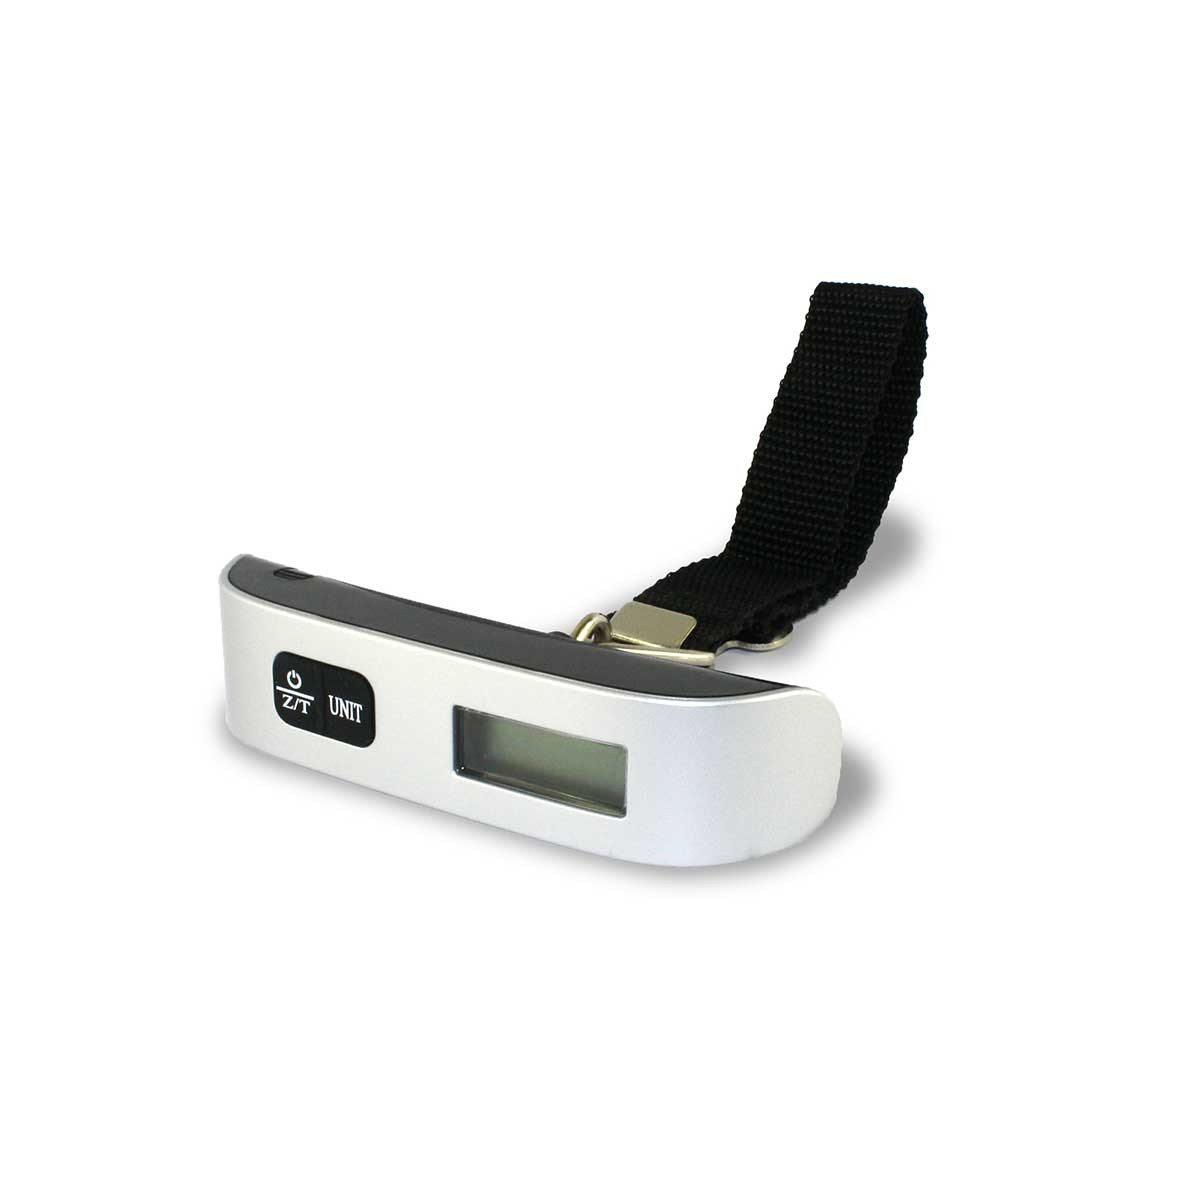 Digital kuffertvægt